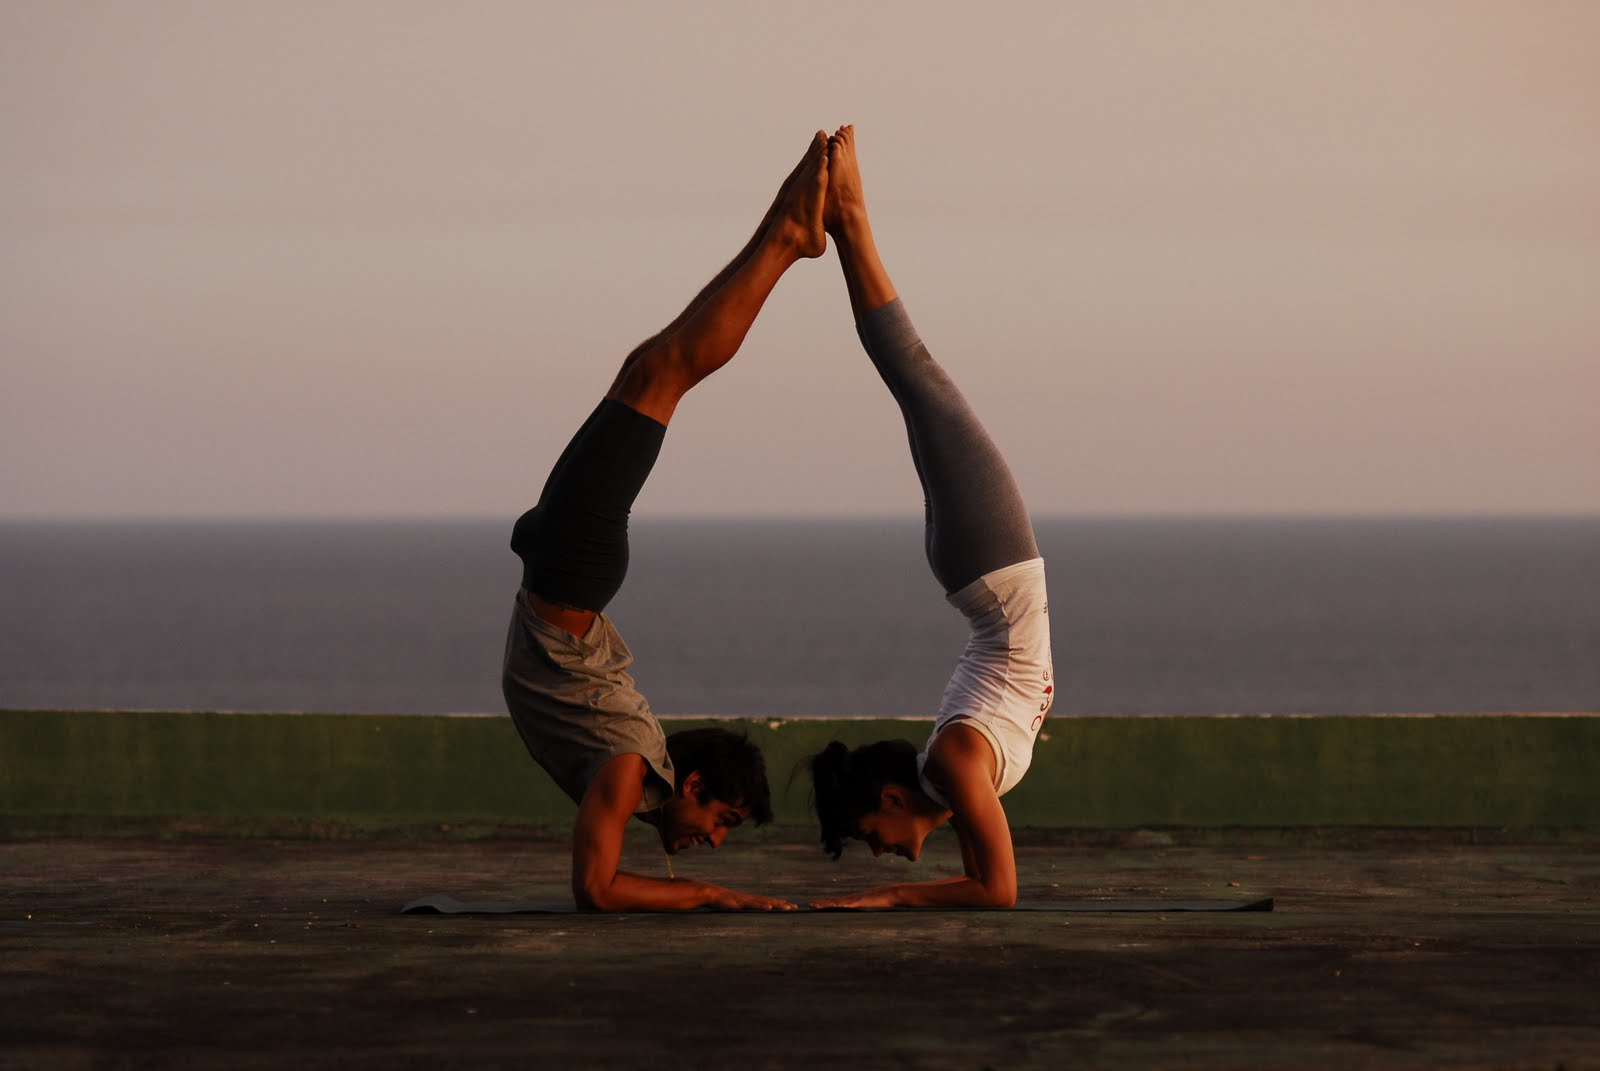 professional-yoga-photography-photo-retouching-sample